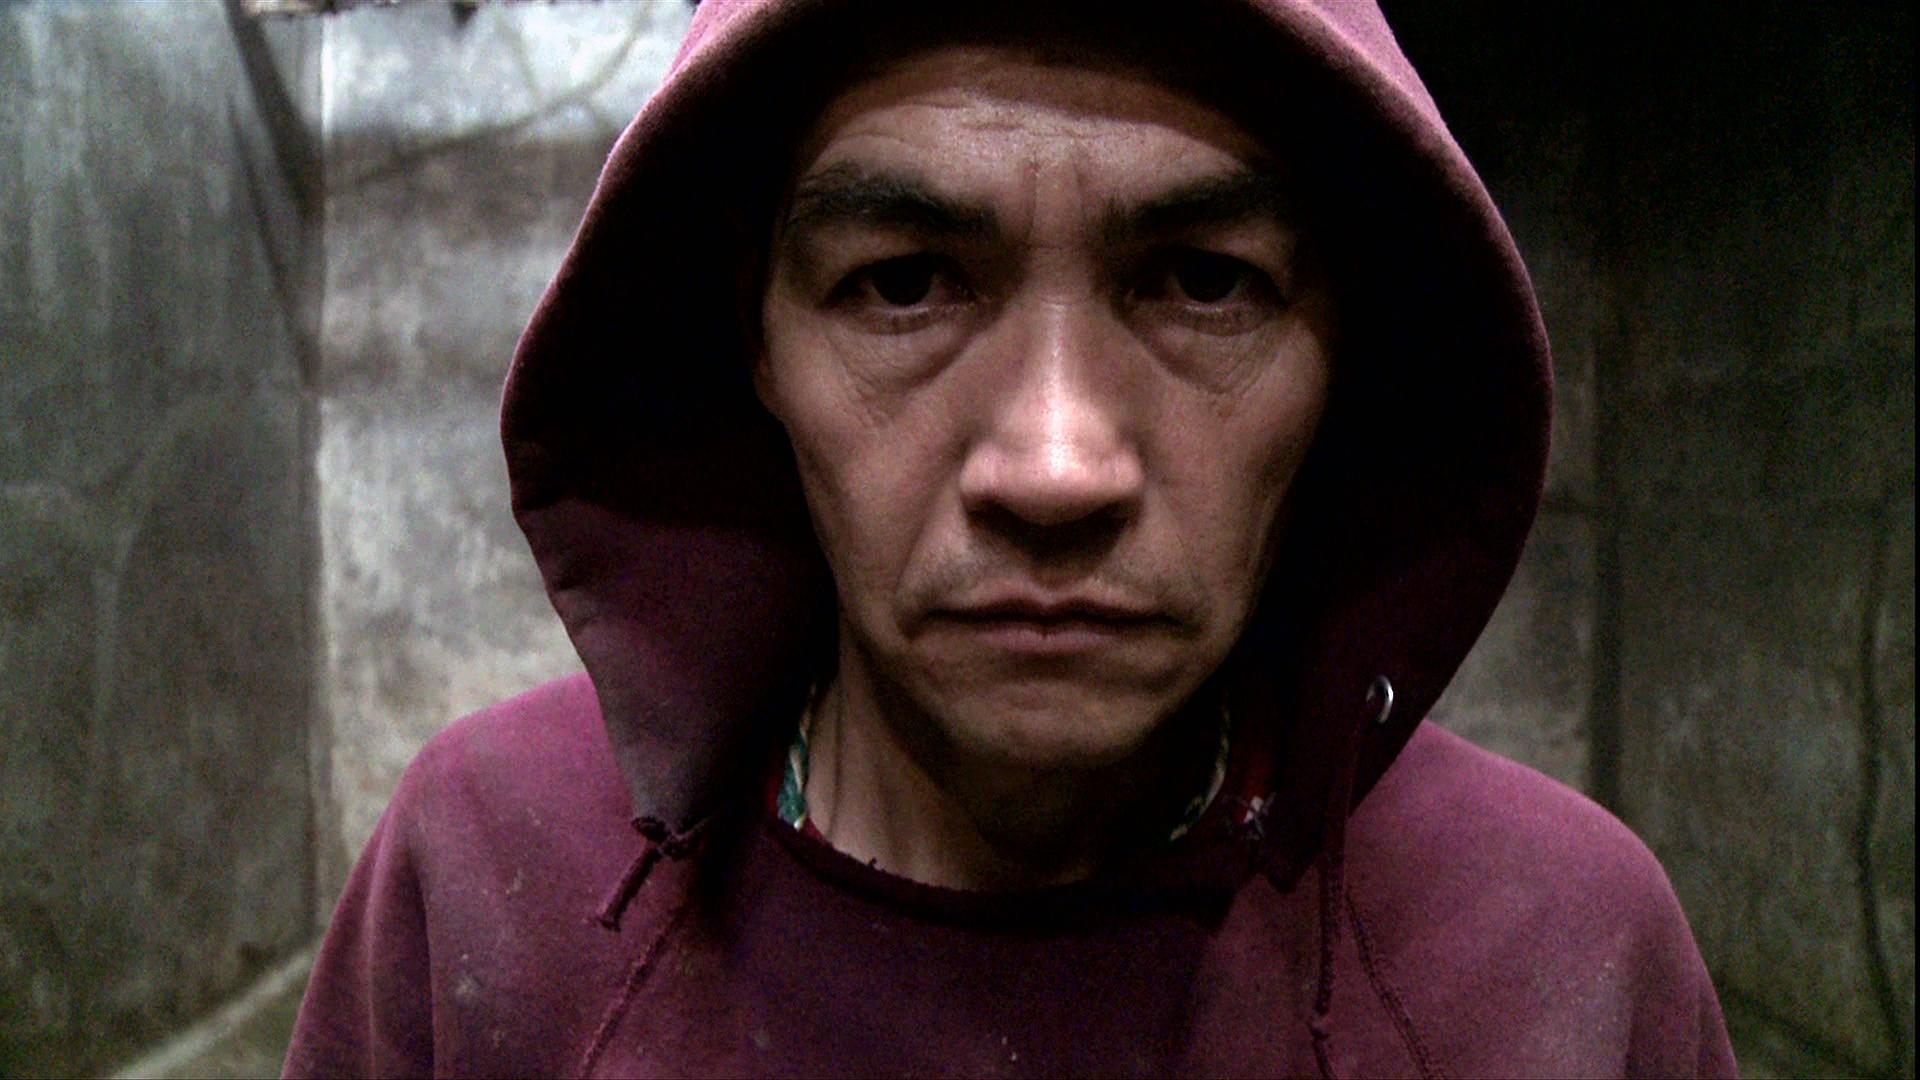 Filmar La Parka, una experiencia visceral: nominado a Oscar